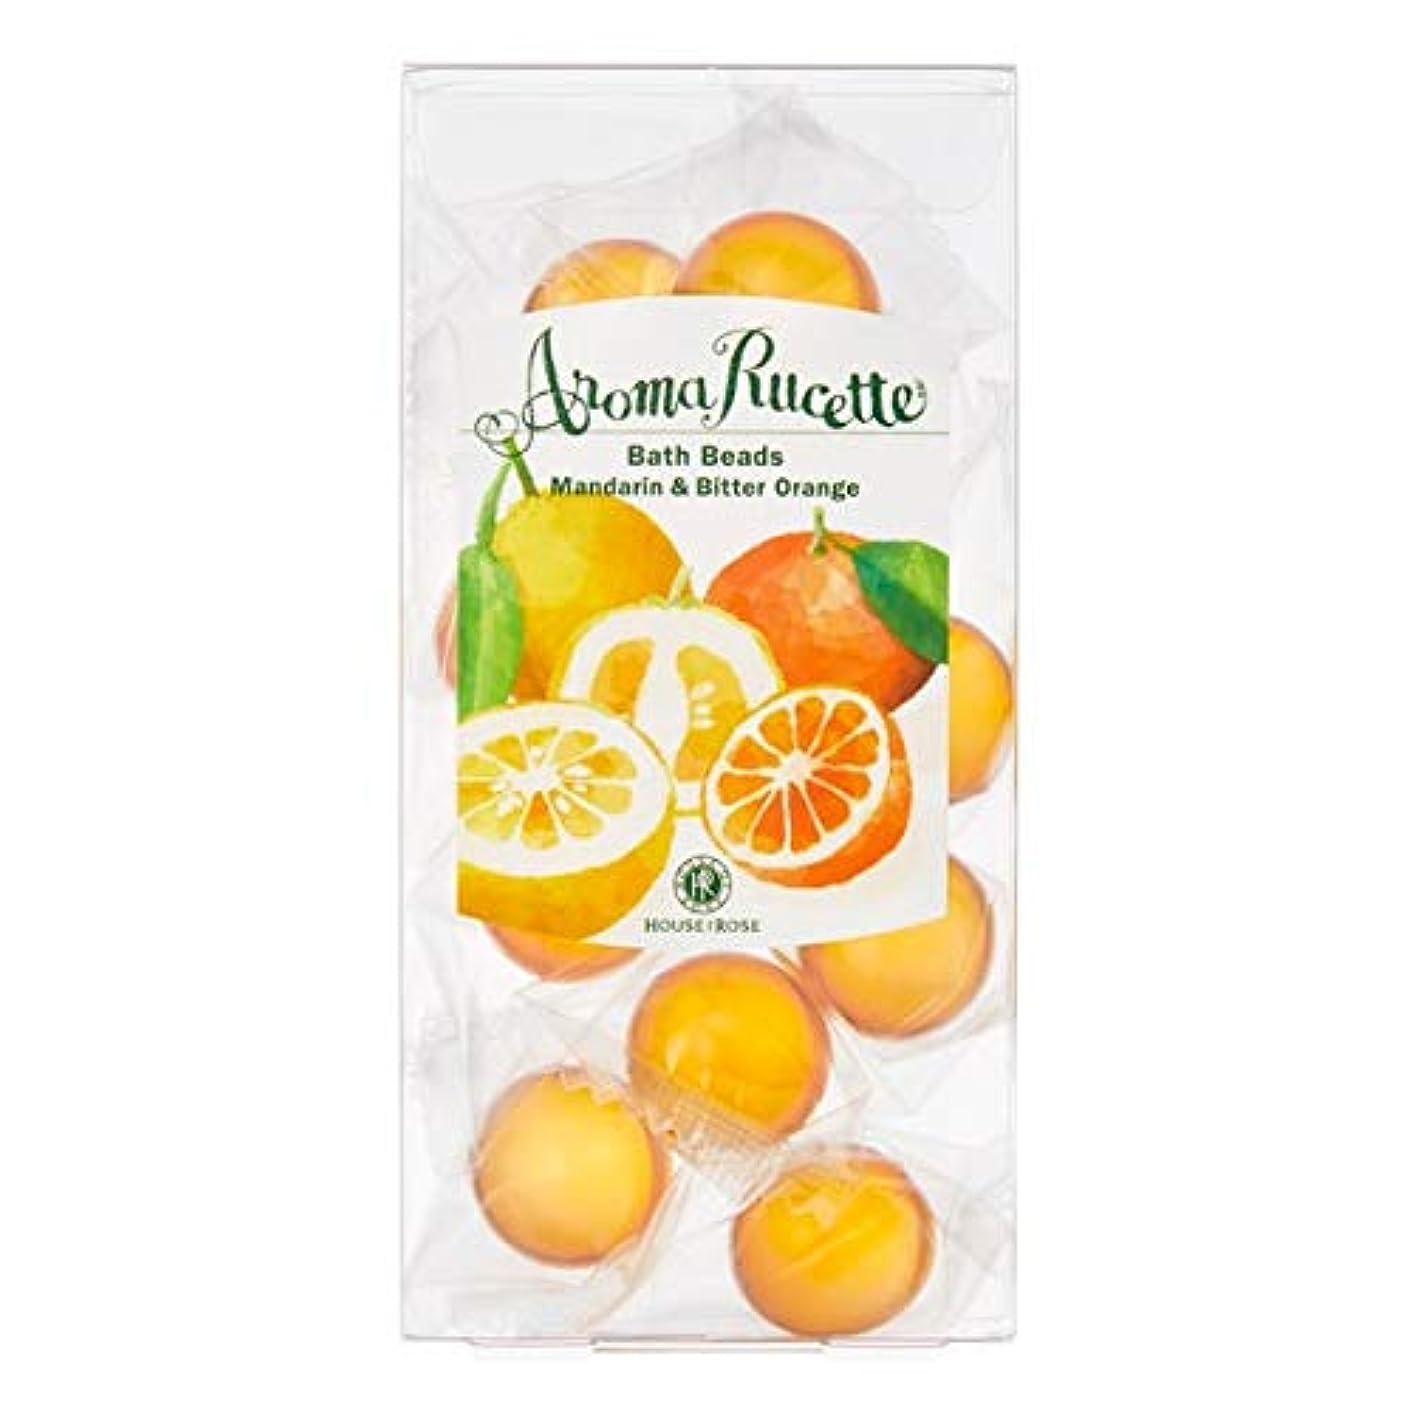 コンサートできた製造HOUSE OF ROSE(ハウスオブローゼ) ハウスオブローゼ/アロマルセット バスビーズ MD&BO(マンダリン&ビターオレンジの香り) 7g×11個